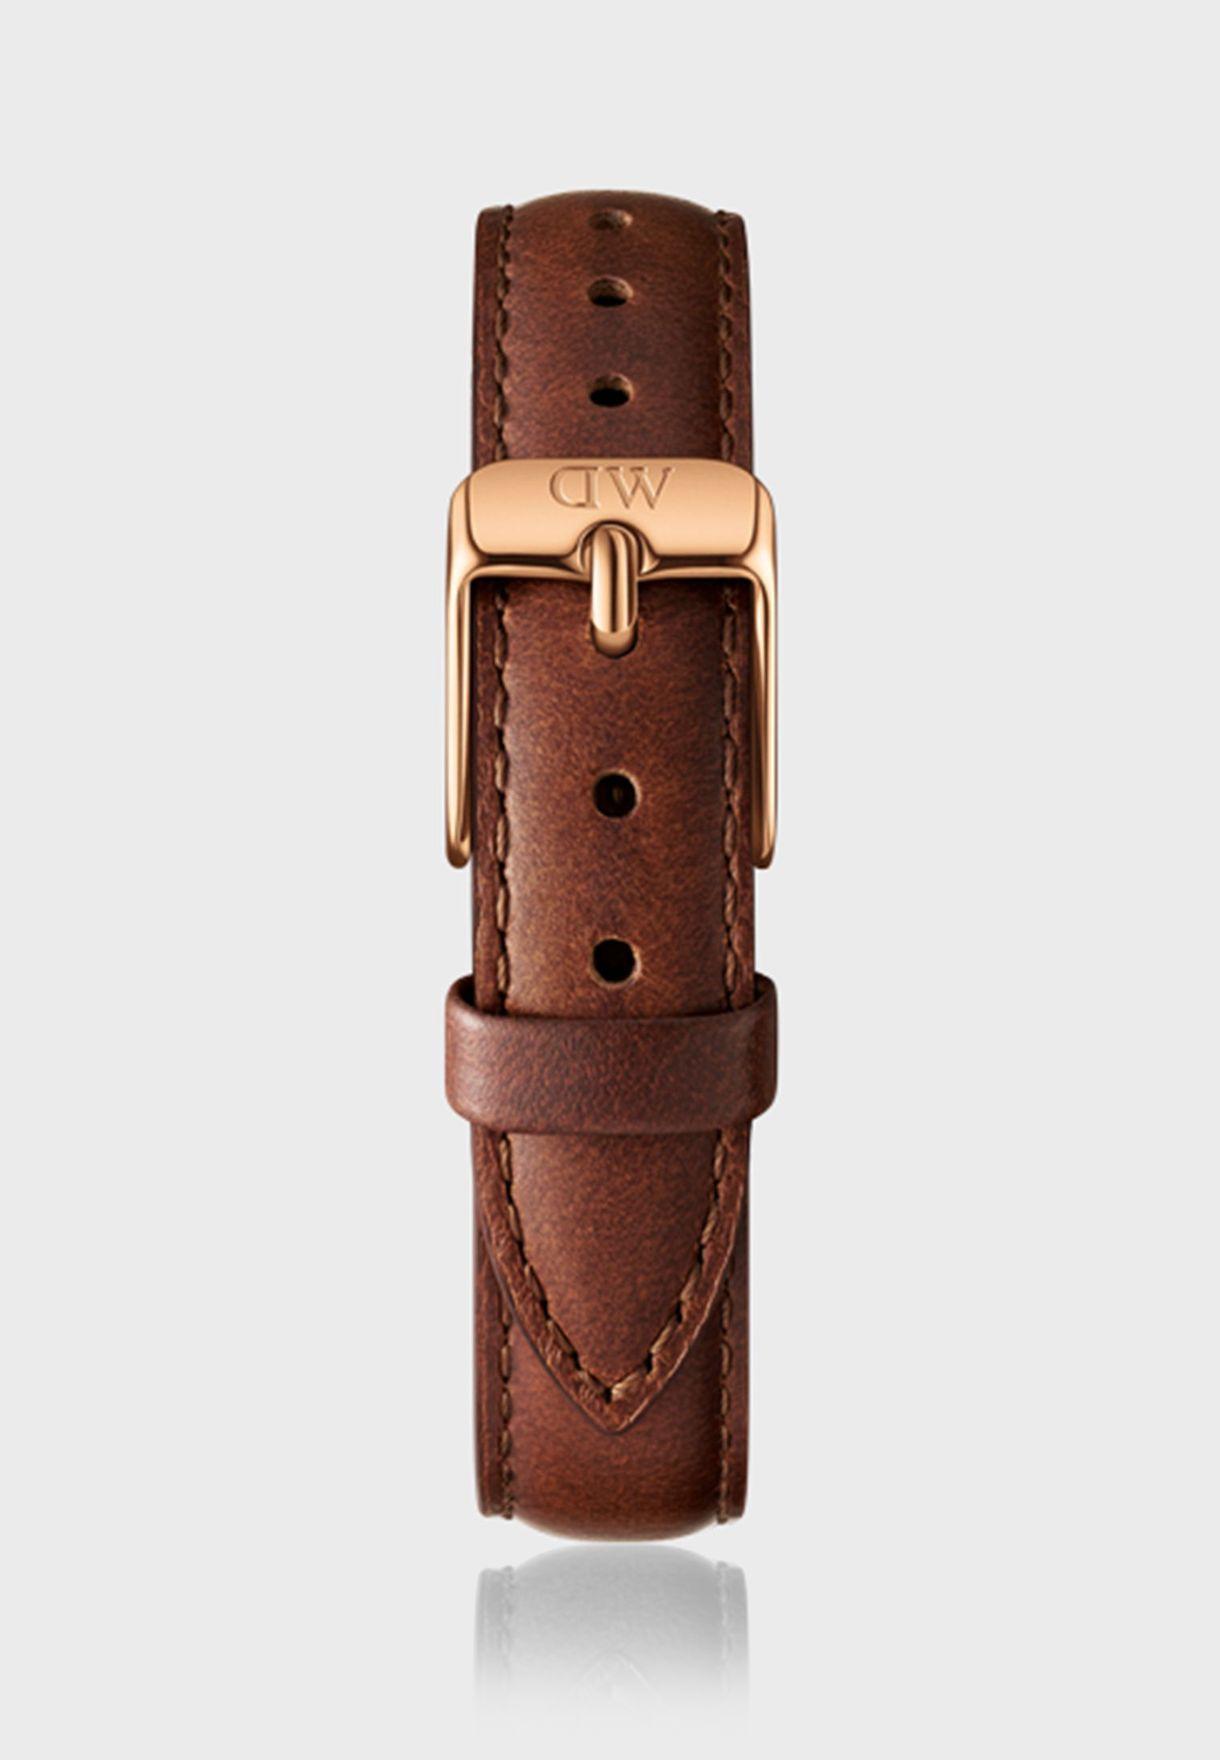 ساعة بيتيت ميل روز + حزام ساعة ماويس